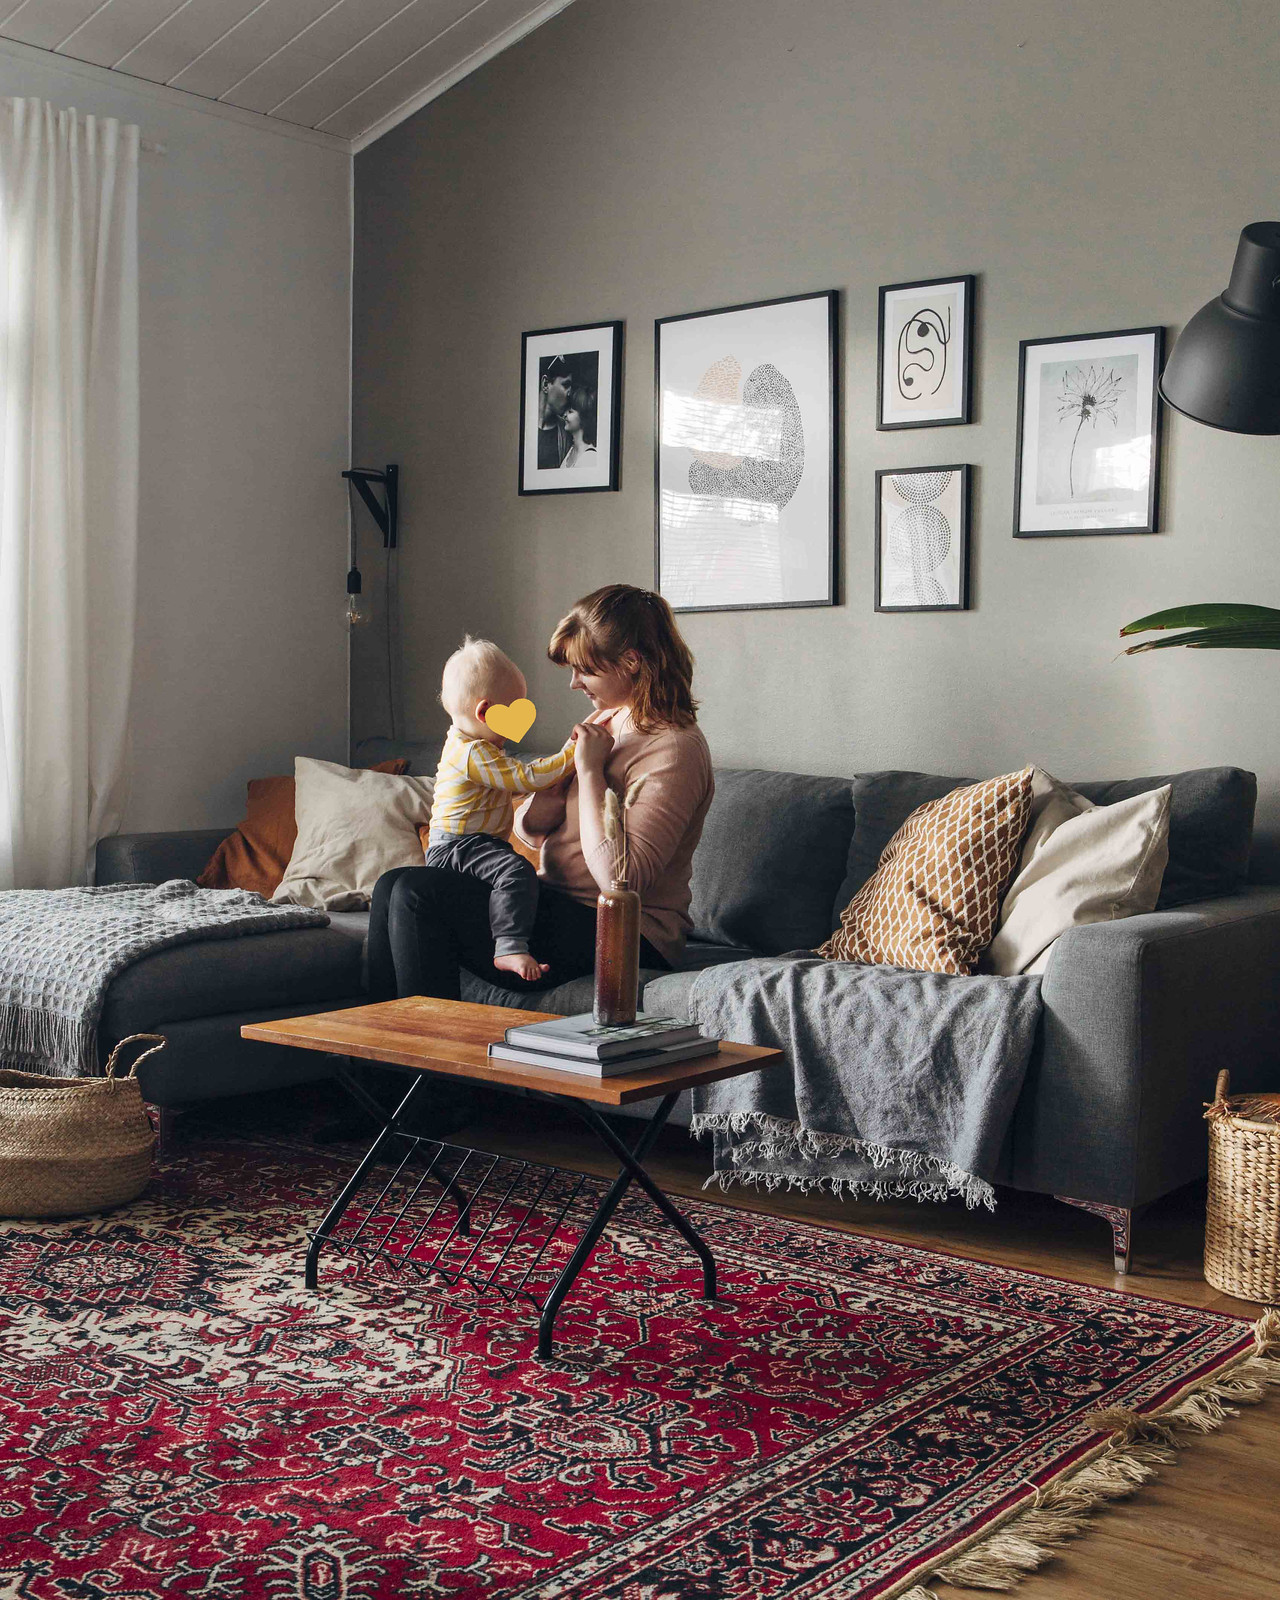 Pinossa-blogin kirjoittaja istuu olohuoneessa harmaalla sohvalla lapsi sylissään.